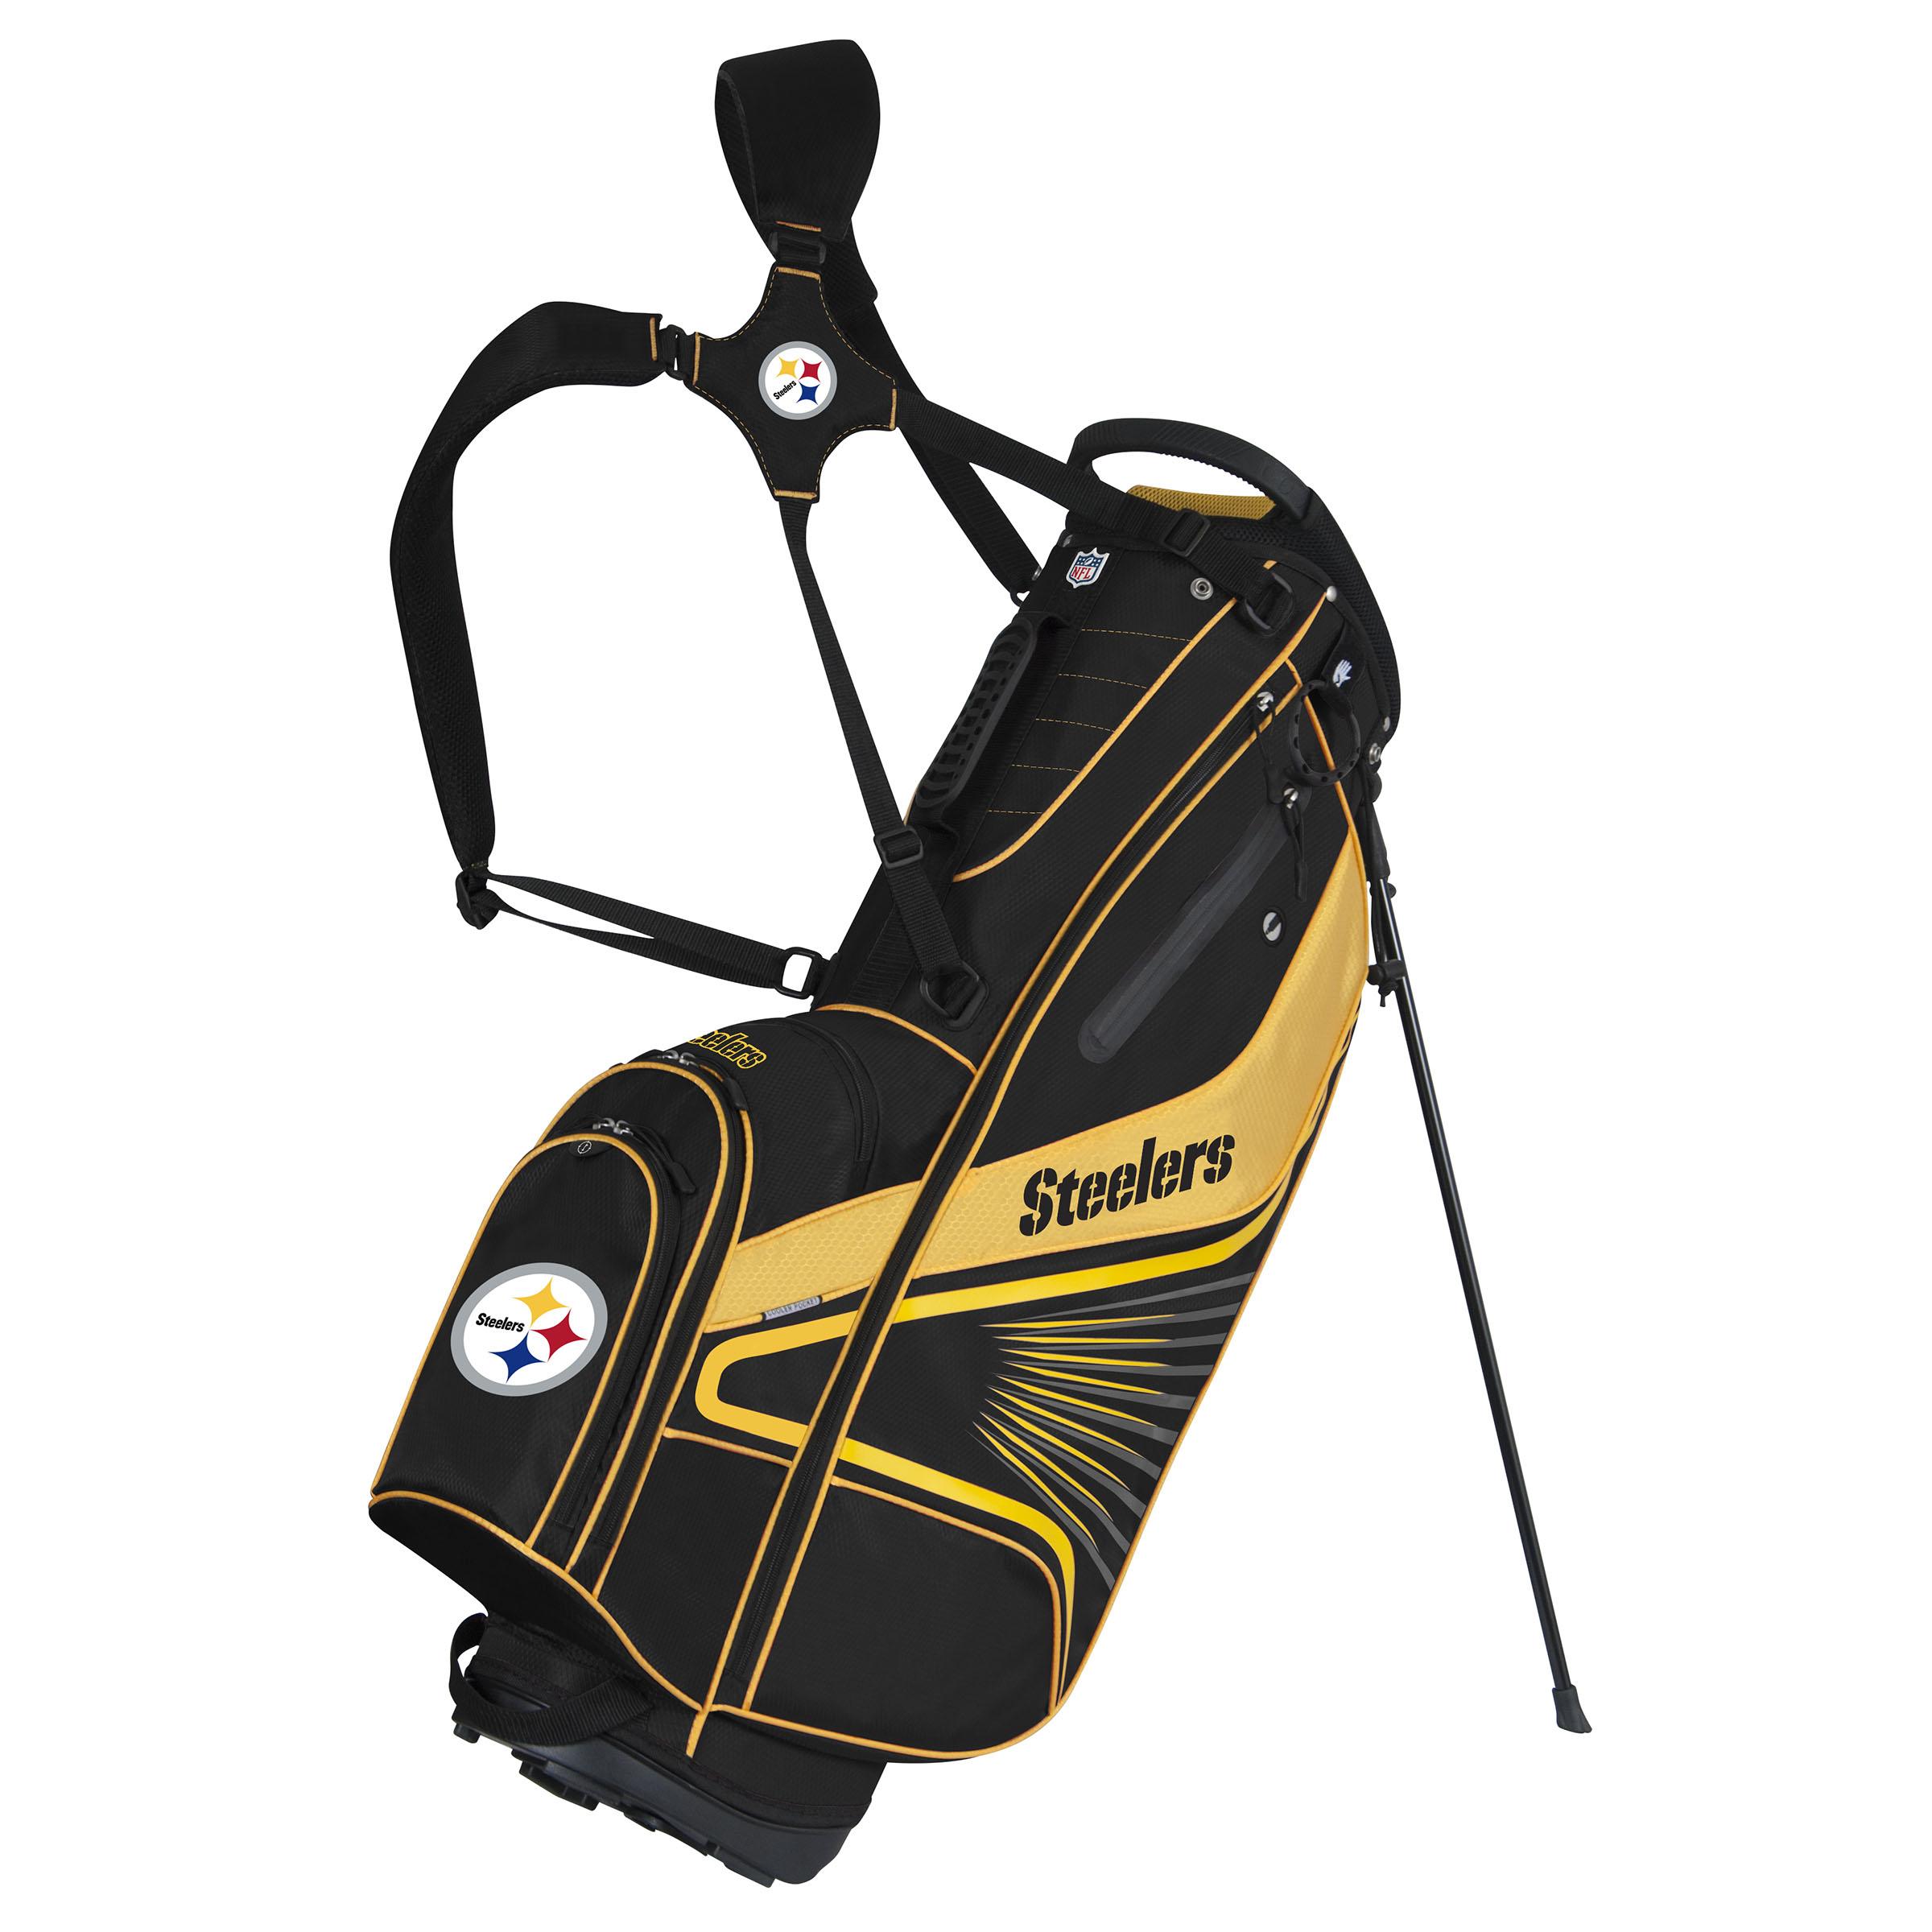 Pittsburgh Steelers Gridiron III Stand Bag - No Size